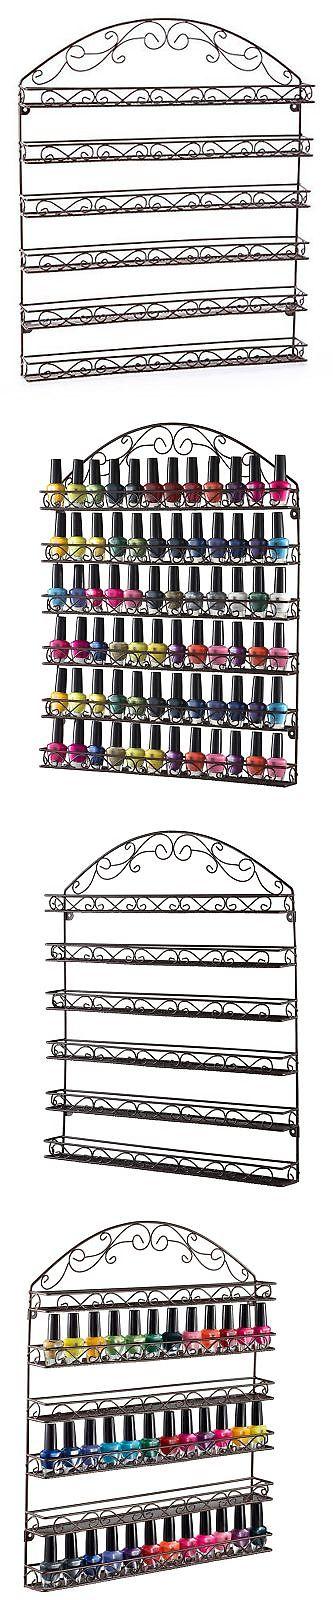 Nail Practice and Display: Home-It Nail Polish Rack Nail Polish ...